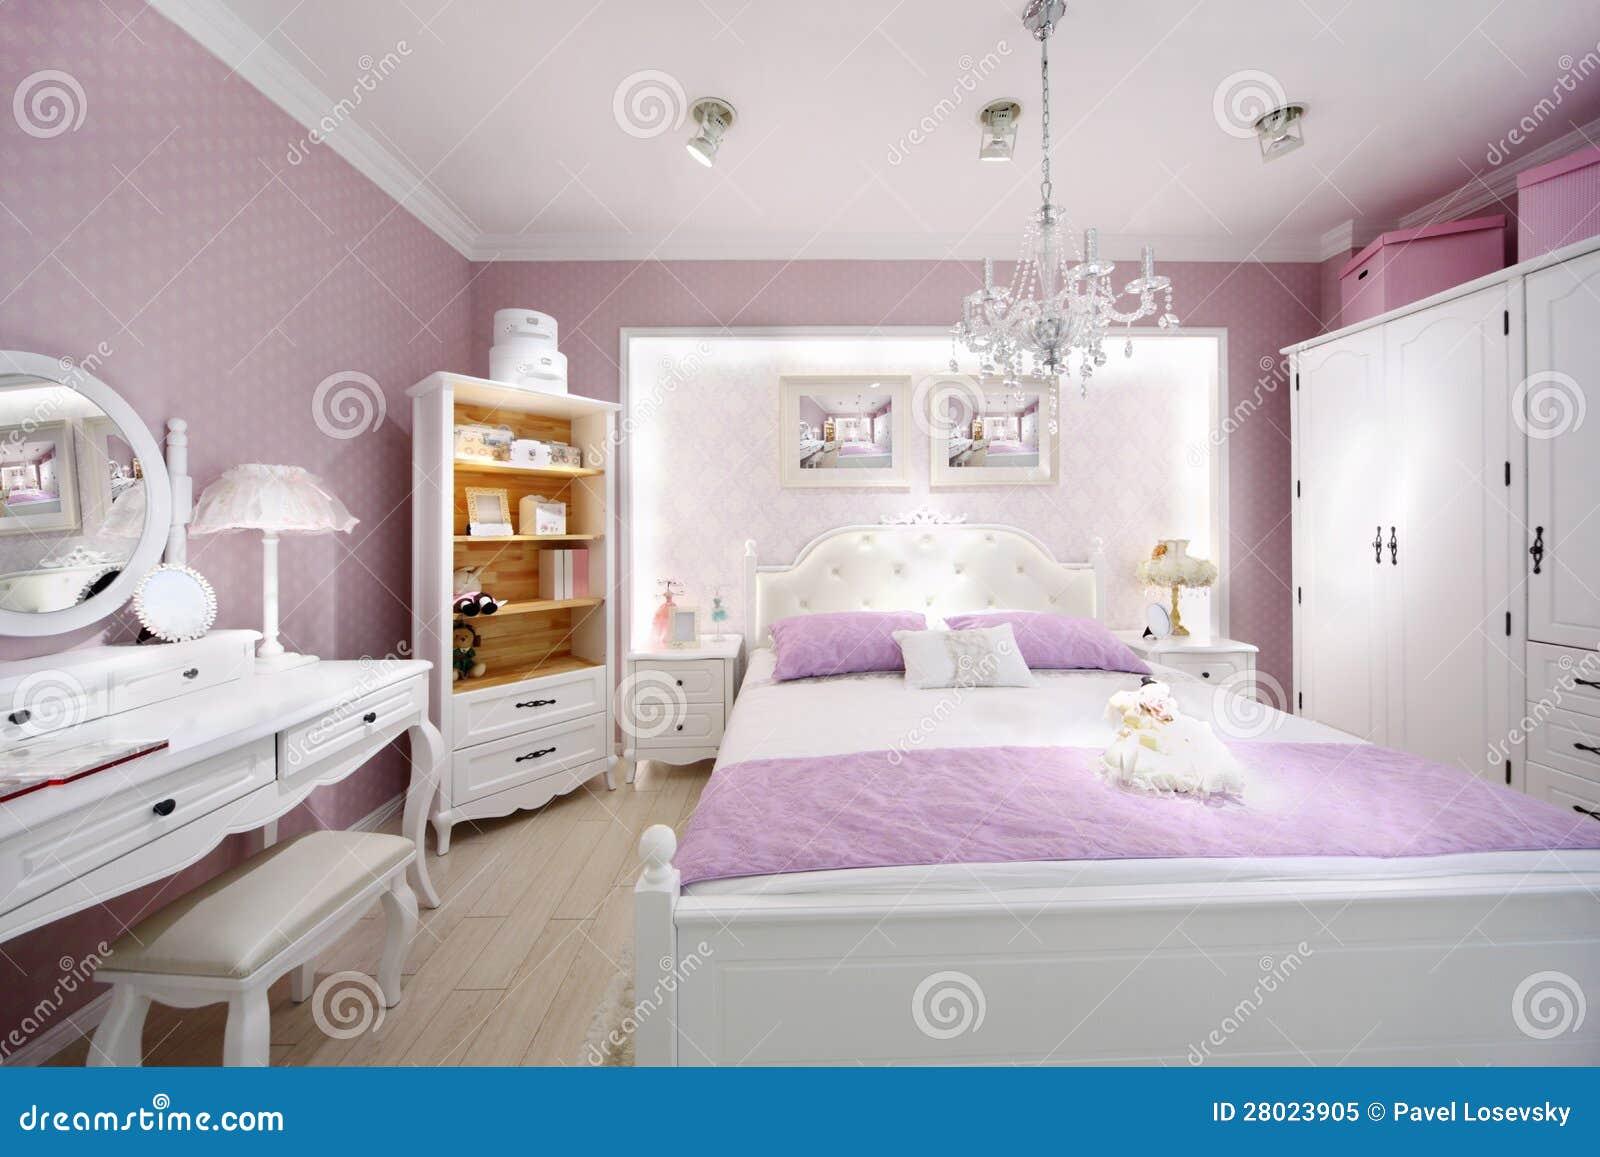 camera da letto dentellare alla moda per la donna fotografia stock ... - Camera Da Letto Donna